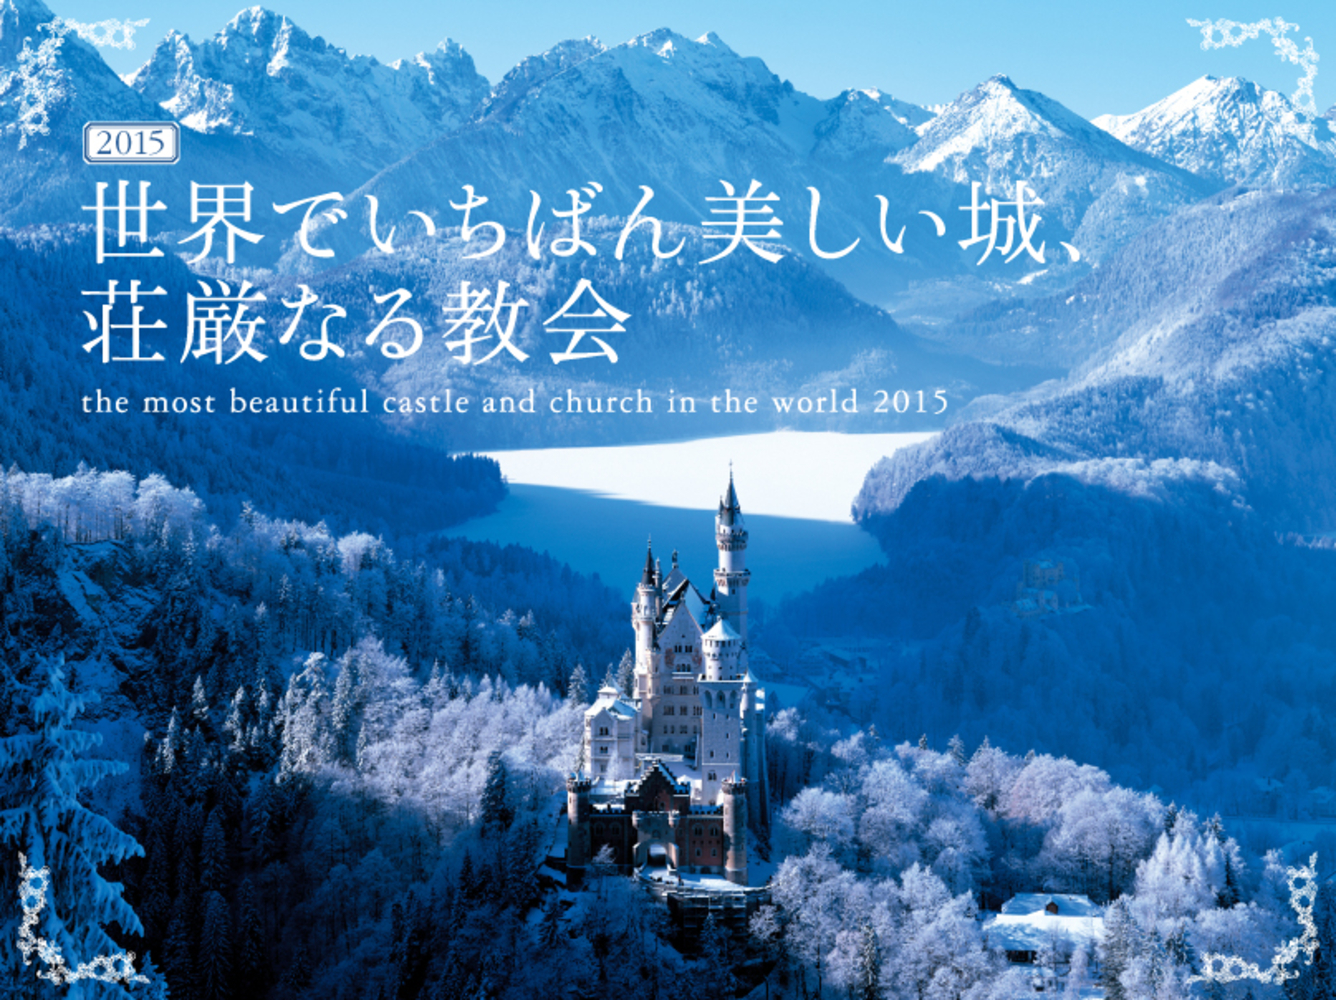 2015世界でいちばん美しい城、荘厳なる教会